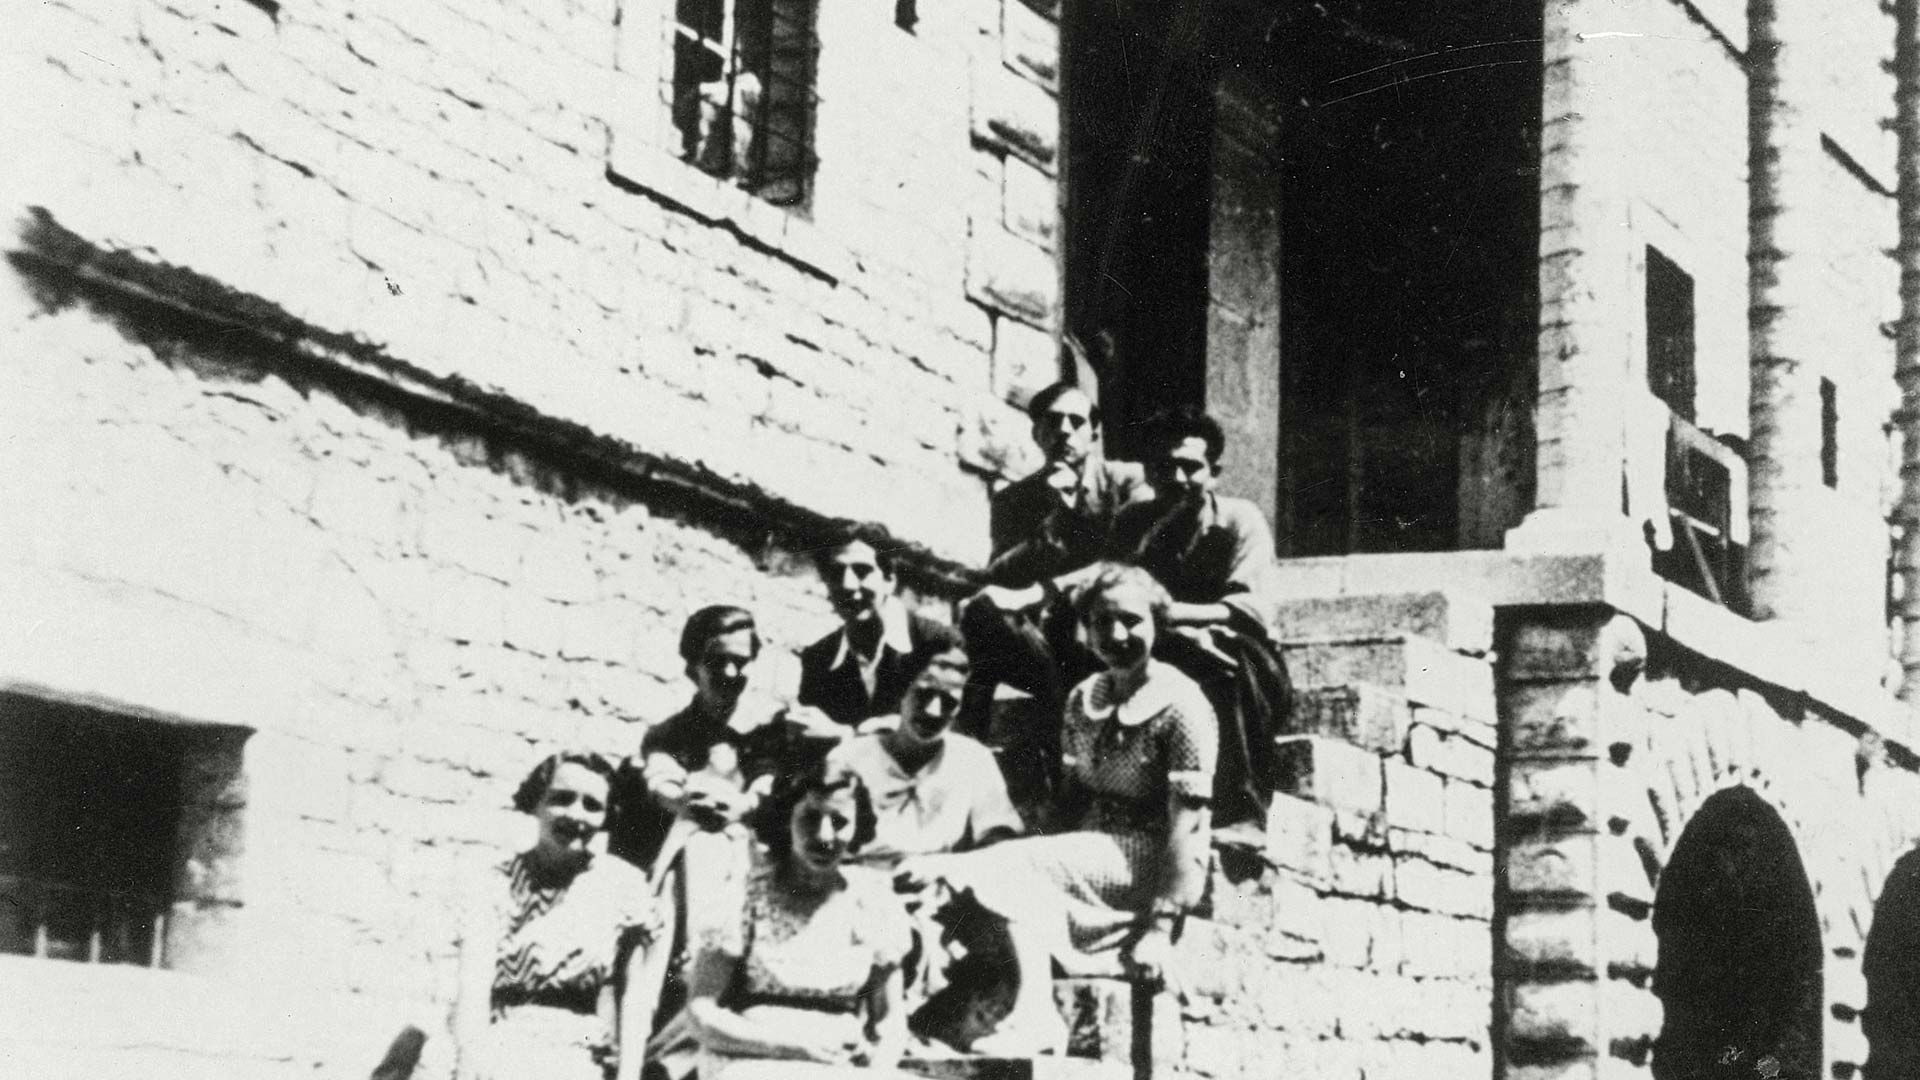 Ιστορία κτιρίου παλιά φωτογραφία